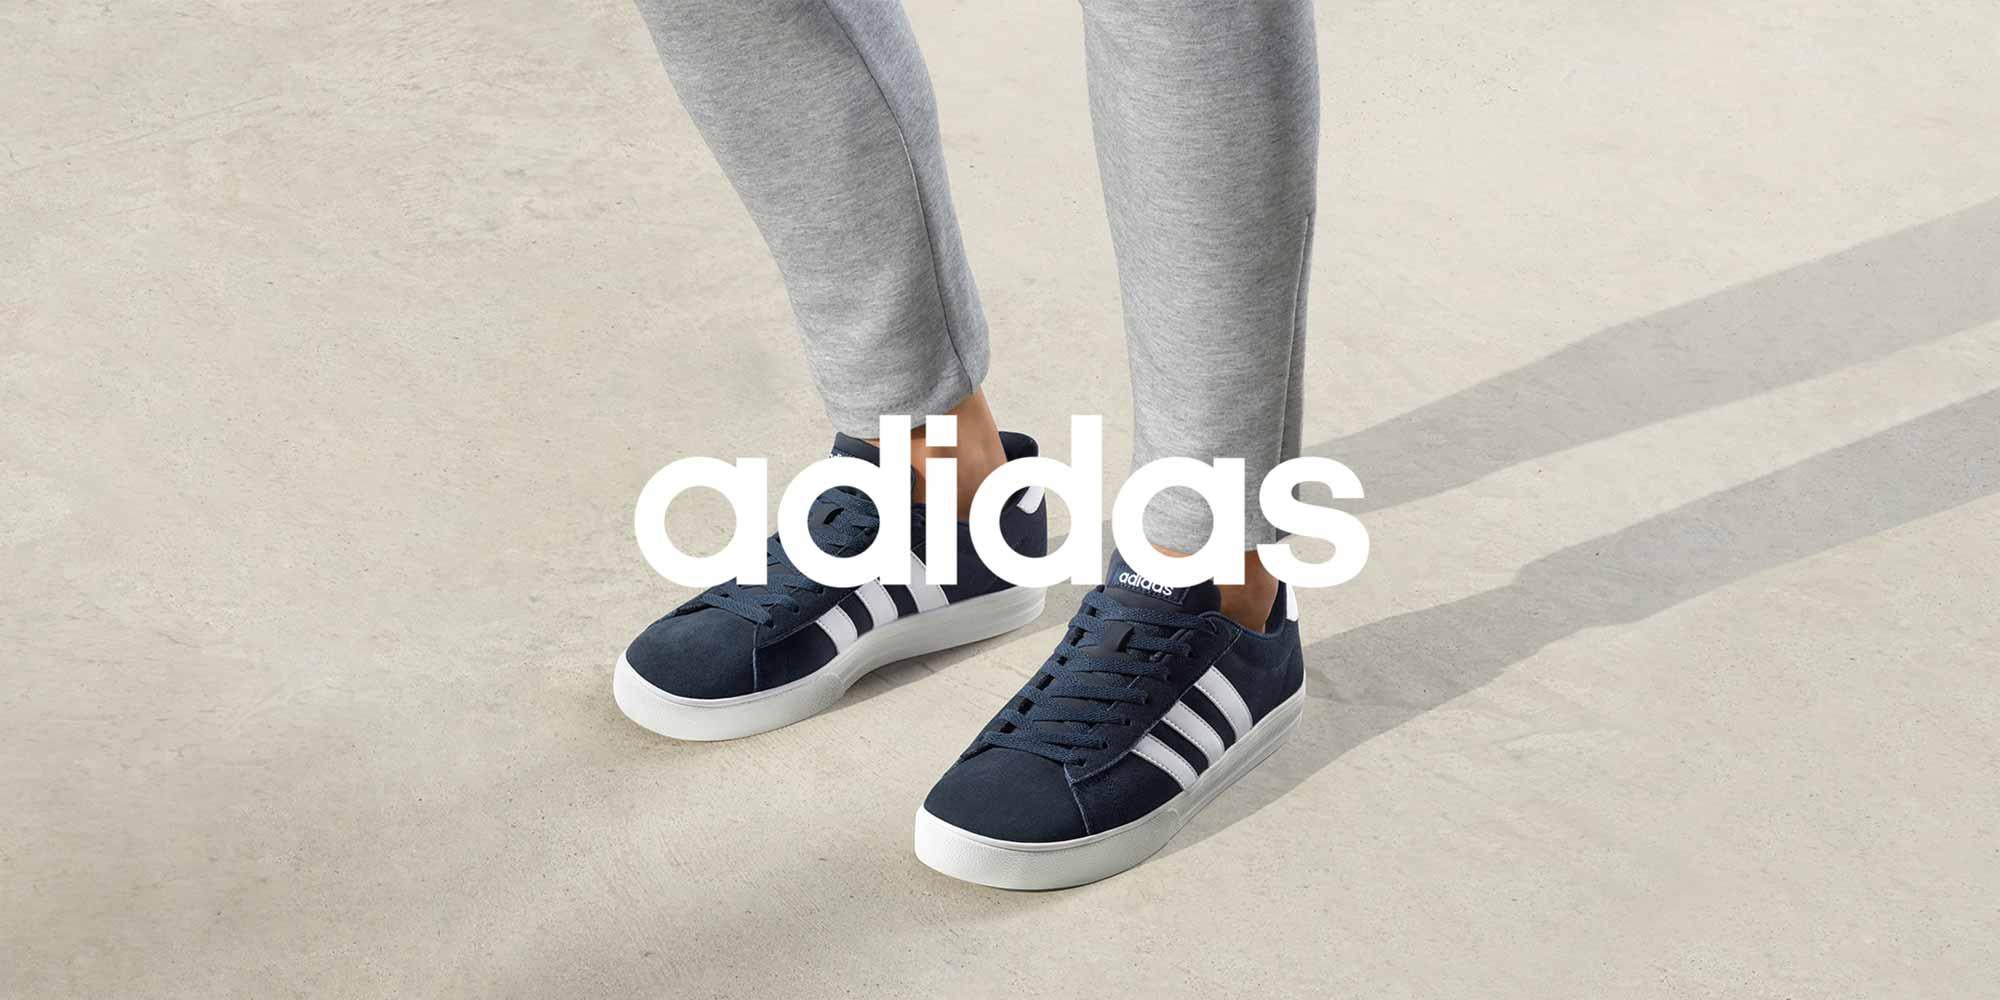 Skor från Adidas online Scorett.se    Skor från Adidas online   title=  6c513765fc94e9e7077907733e8961cc     Scorett.se